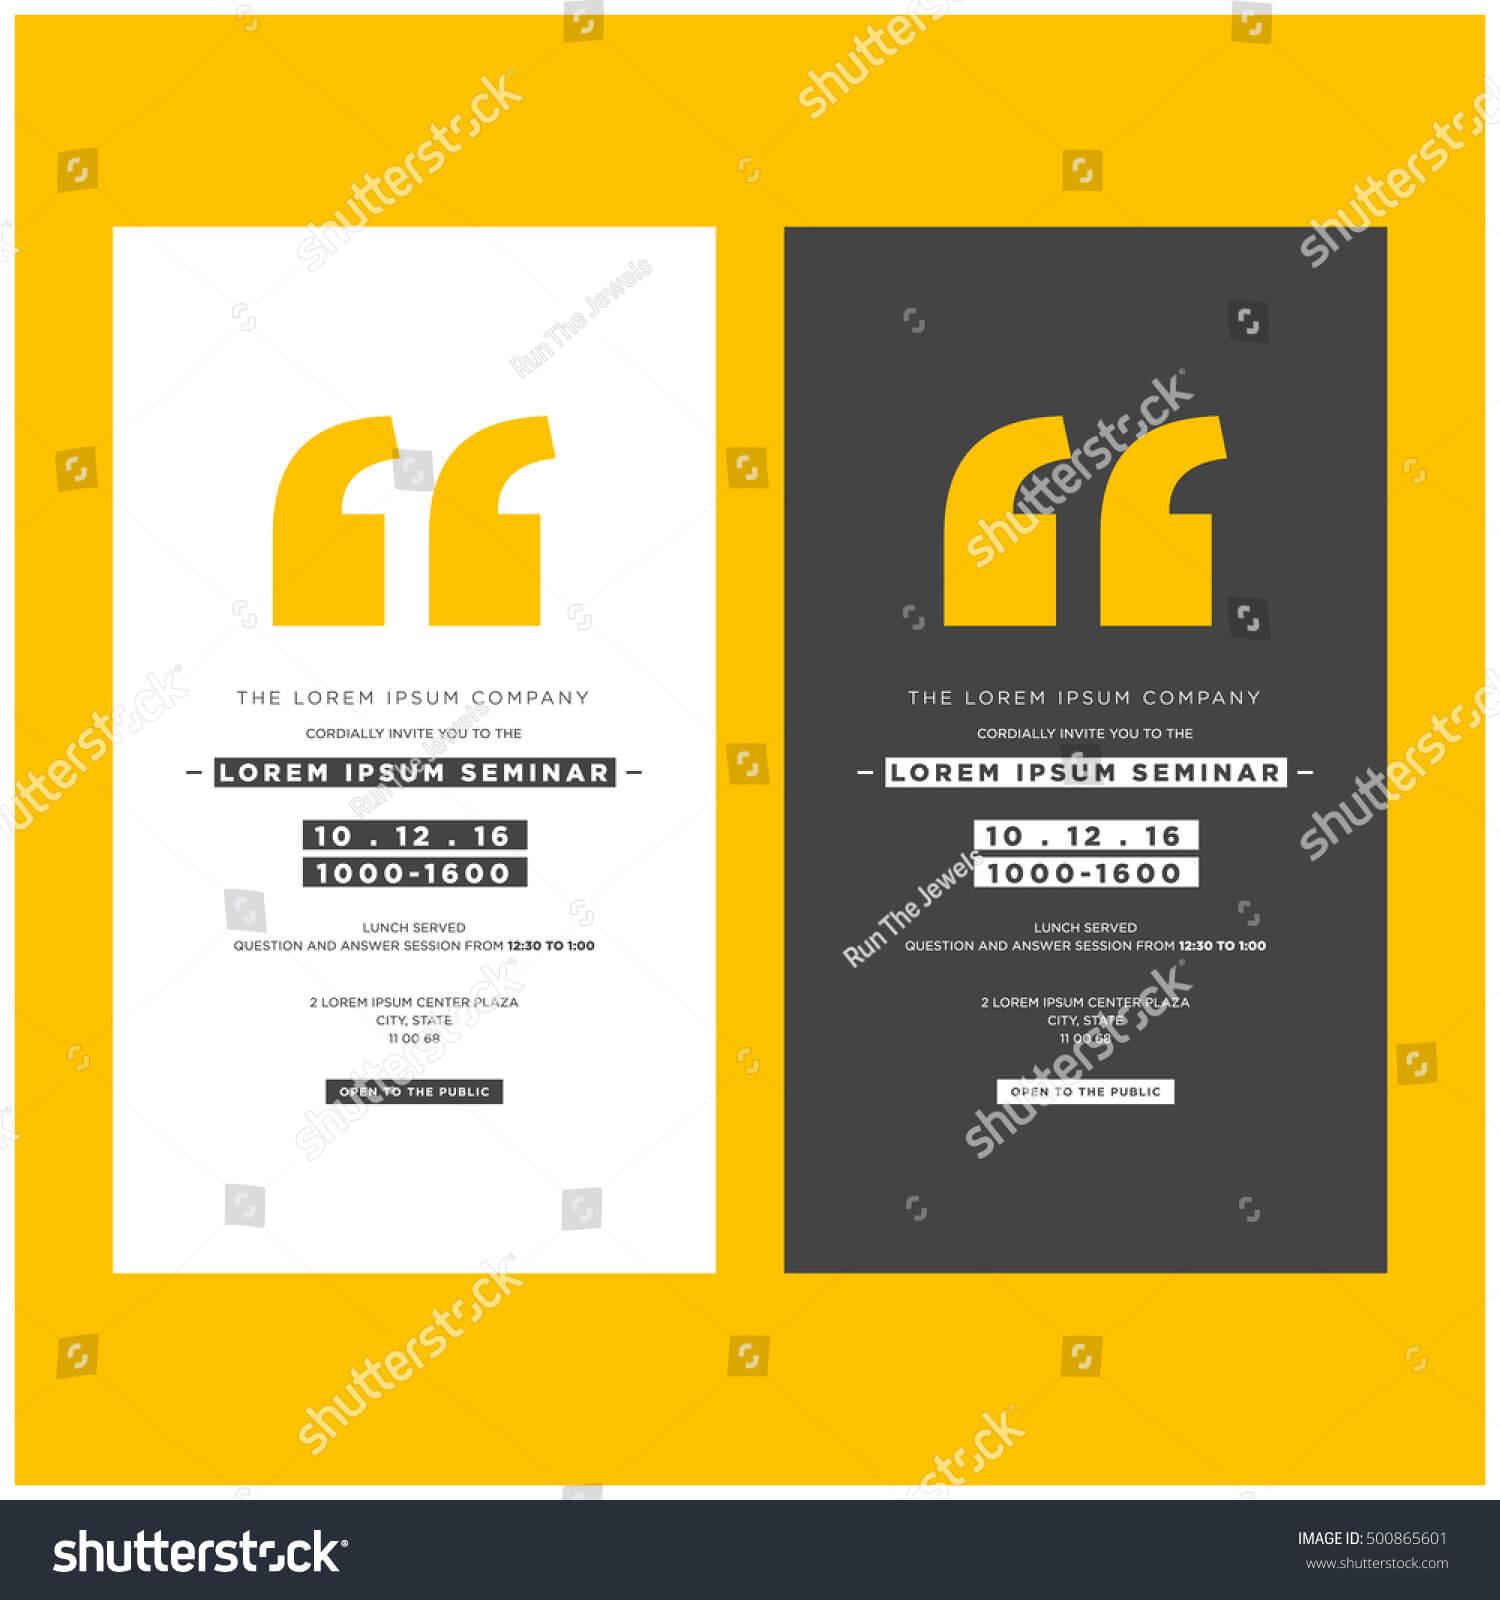 Seminar Invite Template • Invitation Template Ideas In Seminar Invitation Card Template